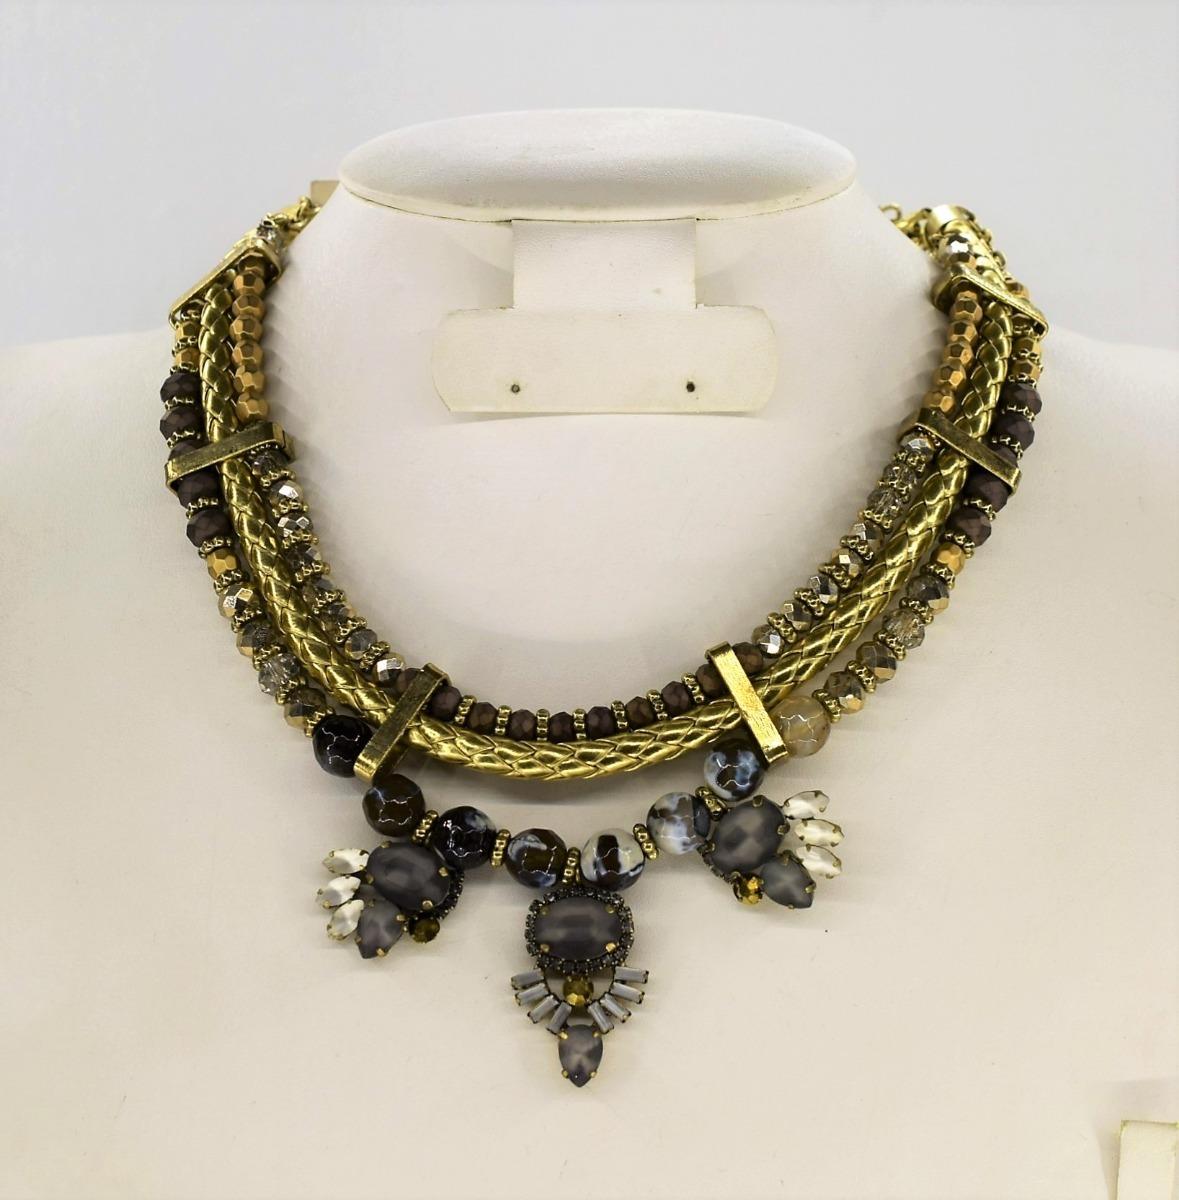 95a7fd192e86 Collar Para Dama Metálico Piedra Bisutería Moda Importada -   399.00 ...